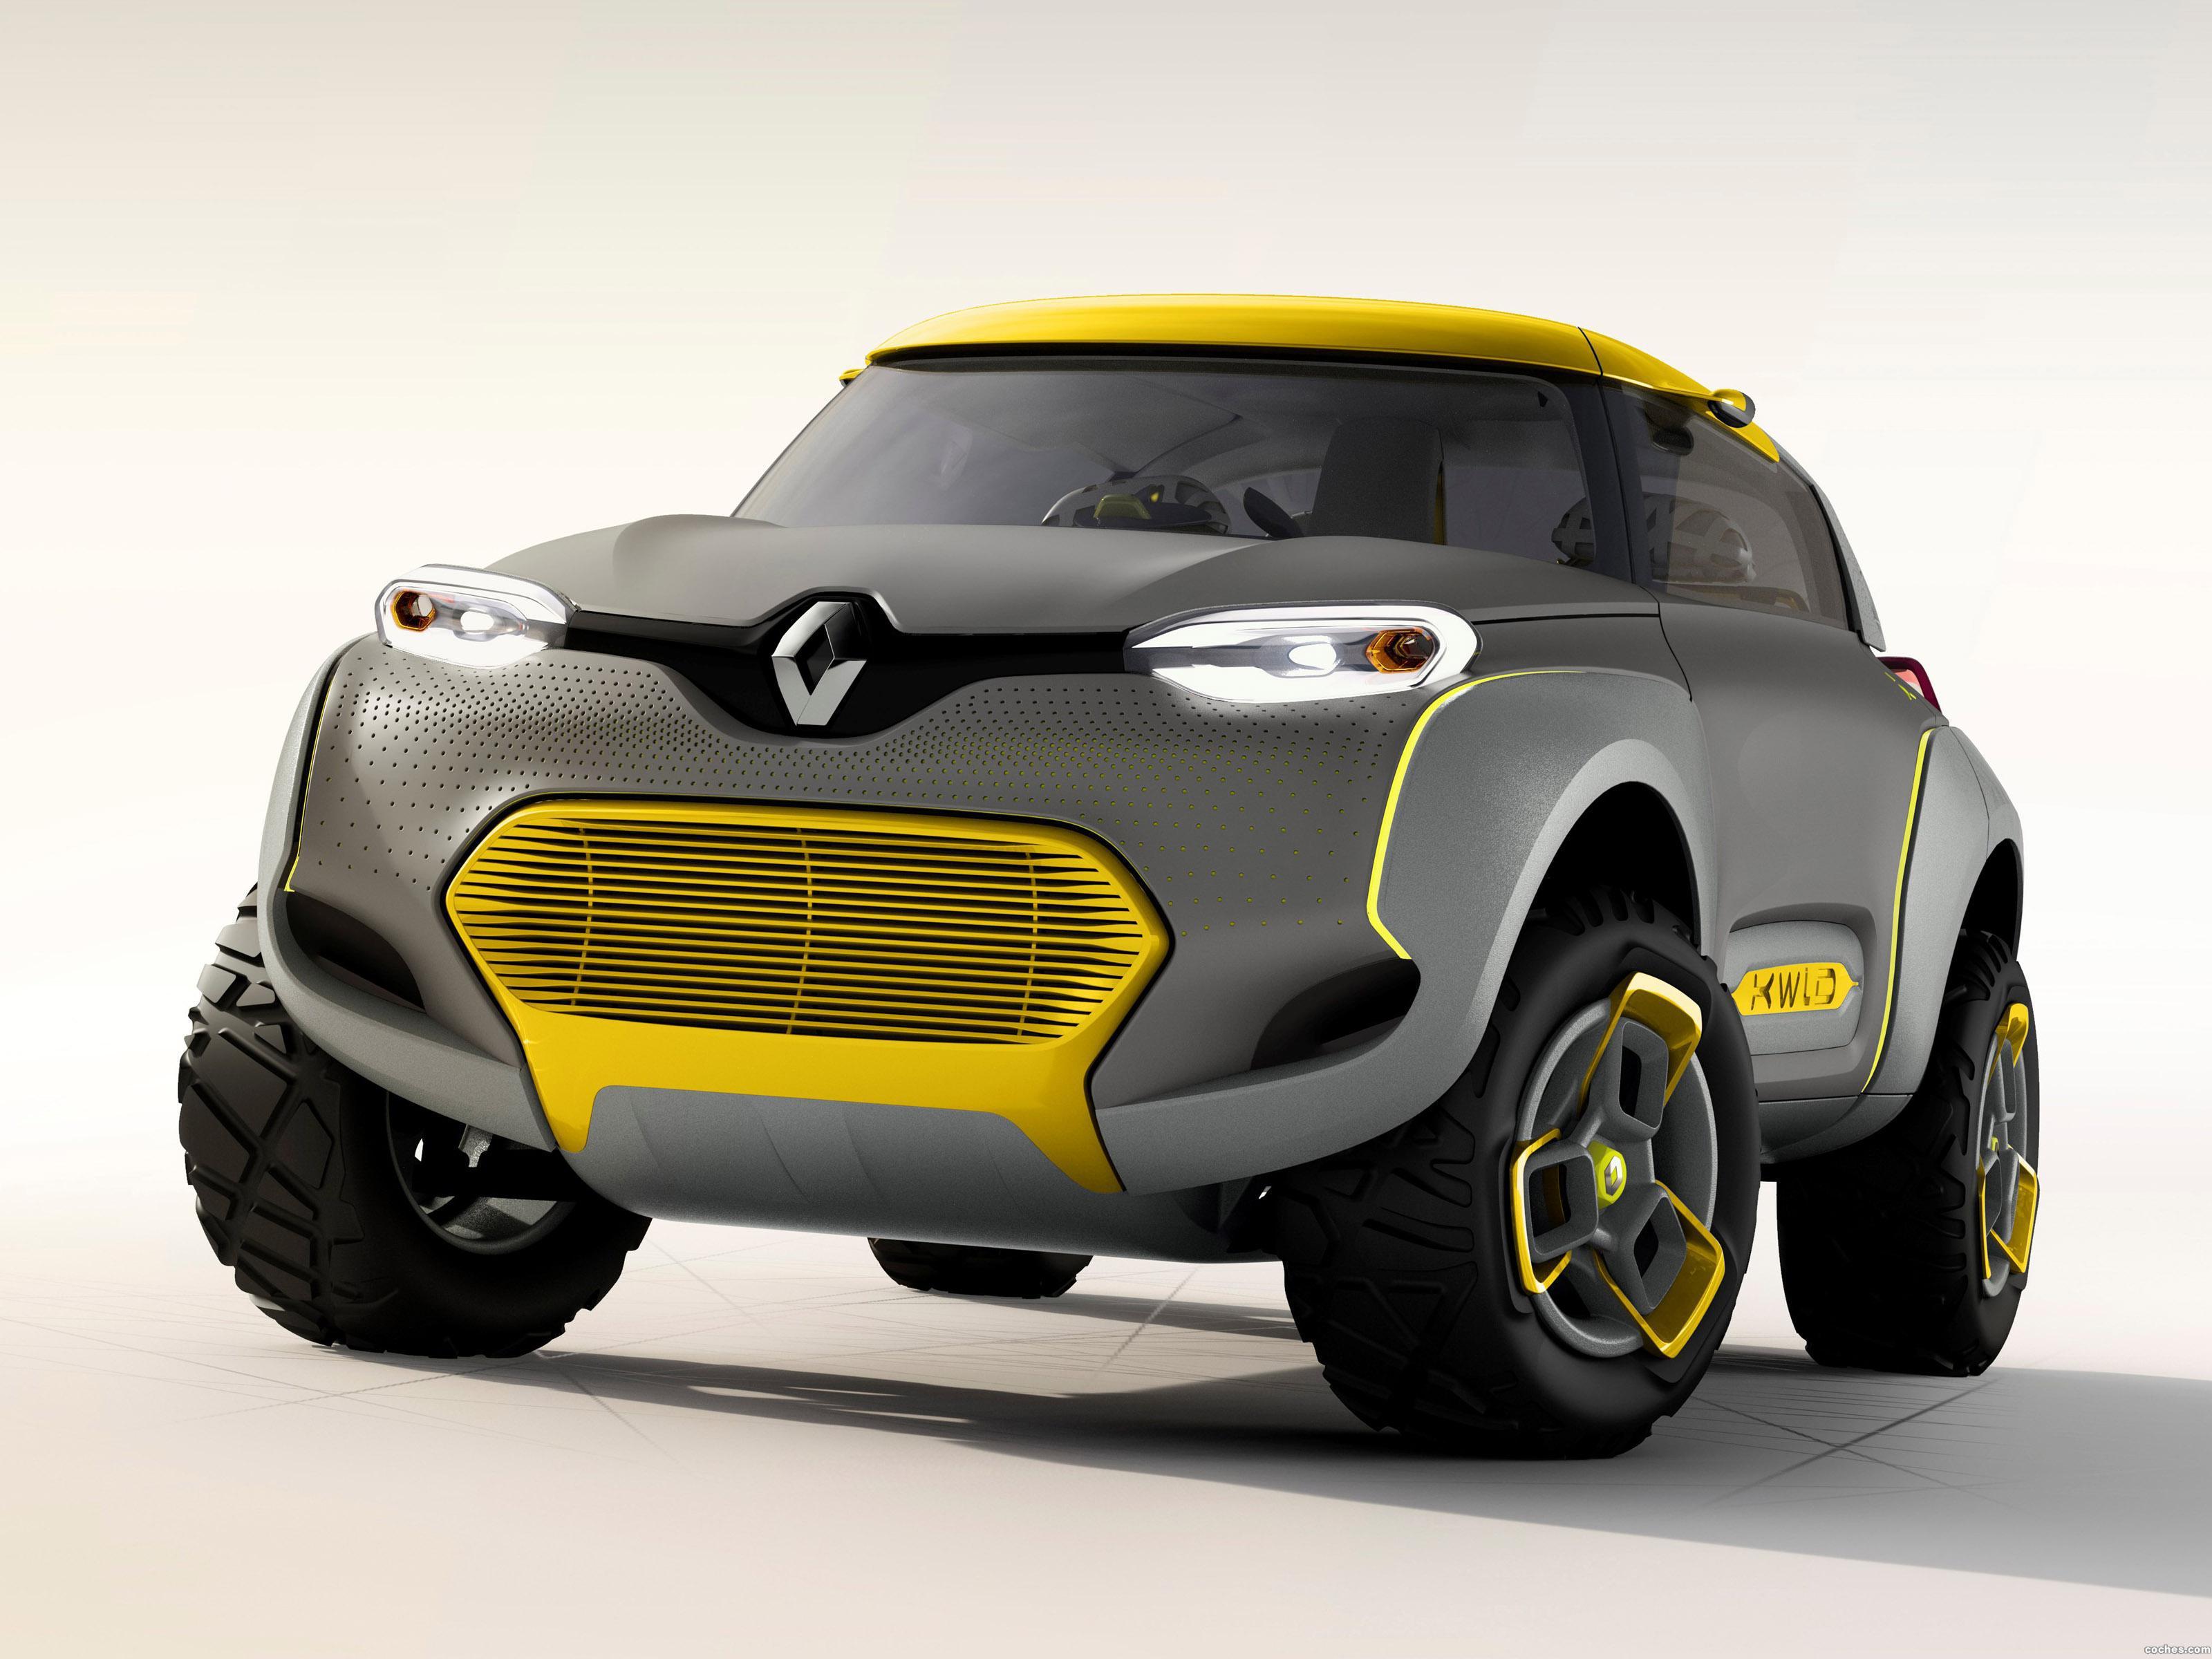 Foto 0 de Renault Kwid Concept 2014